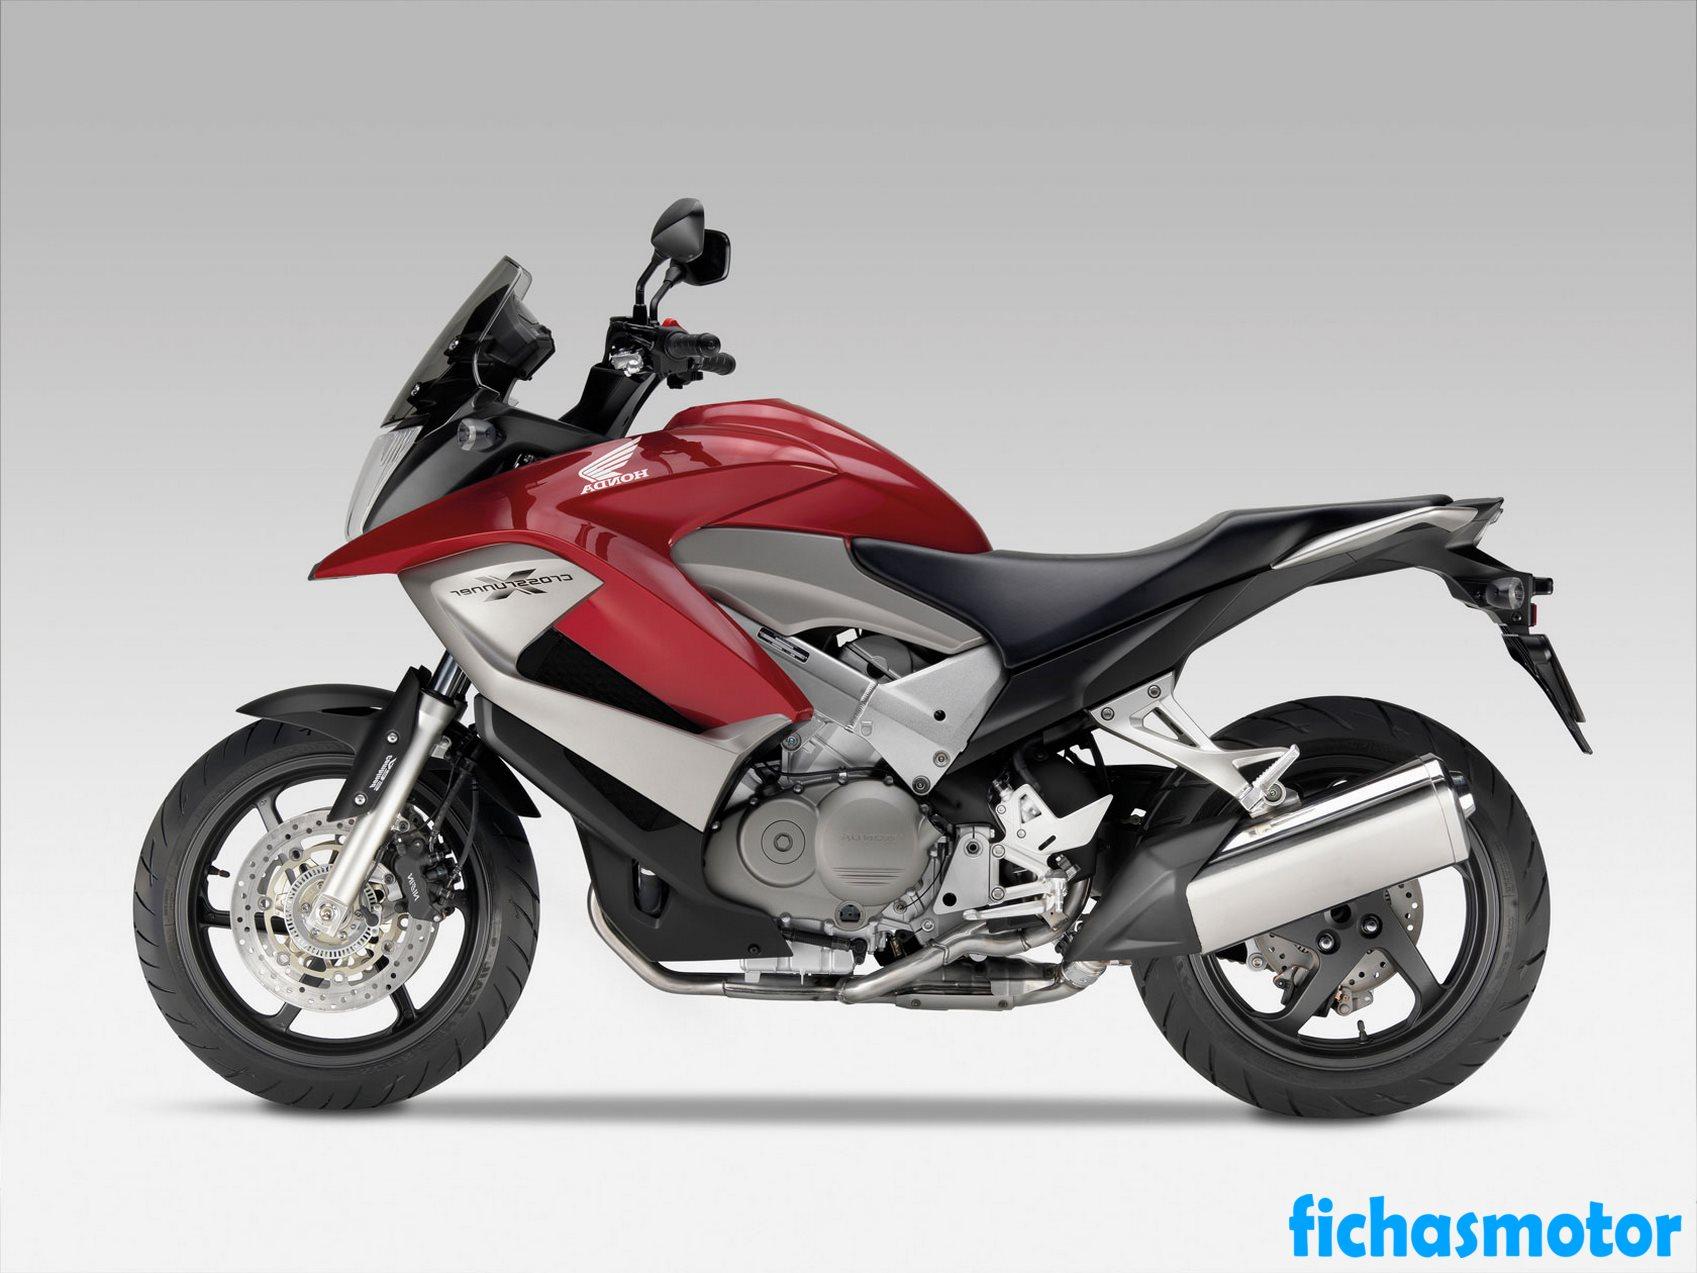 Imagen moto Honda crossrunner año 2011